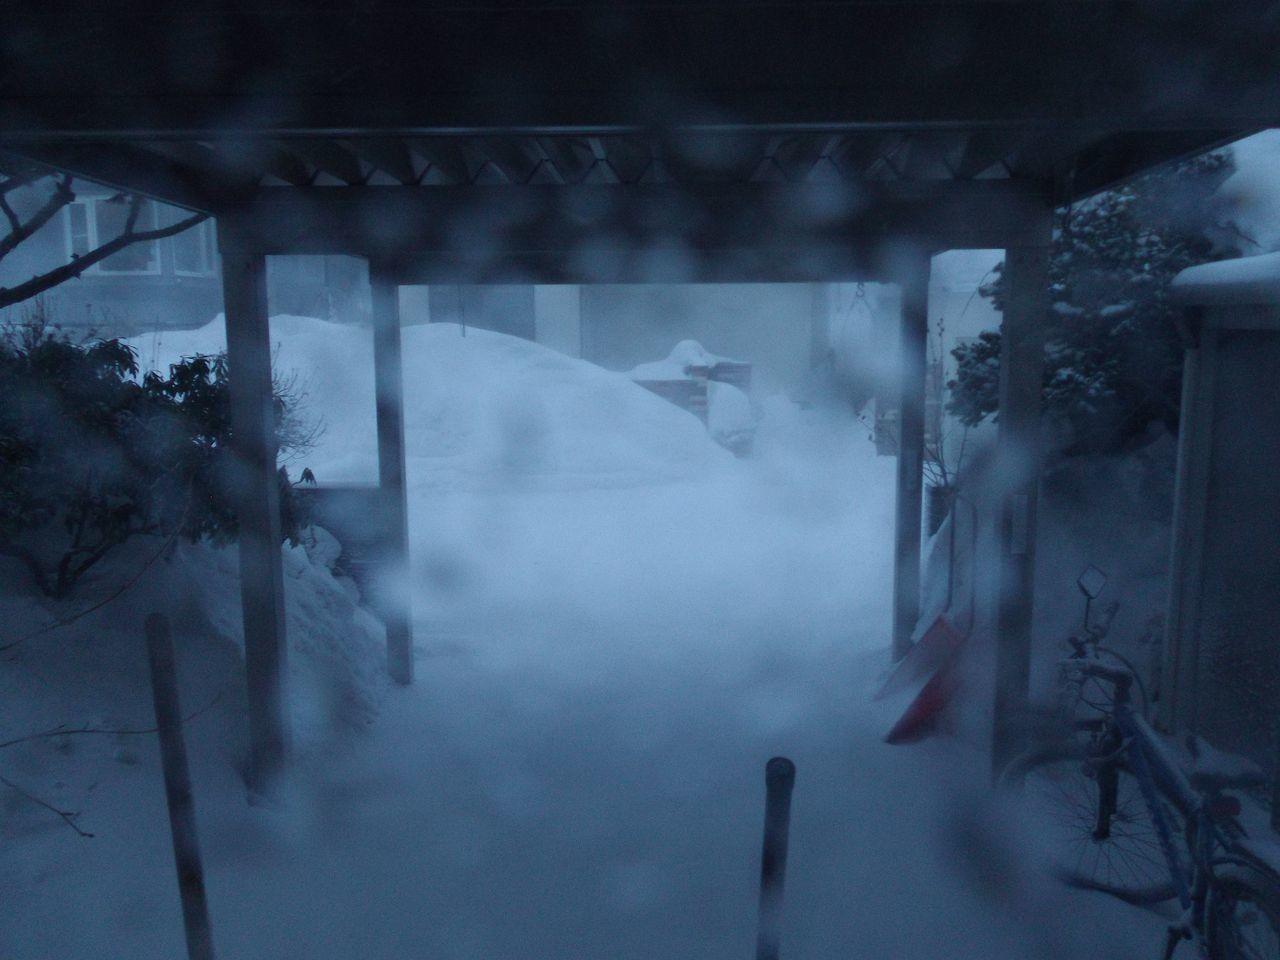 真冬日に吹雪が追加された_c0025115_22253521.jpg